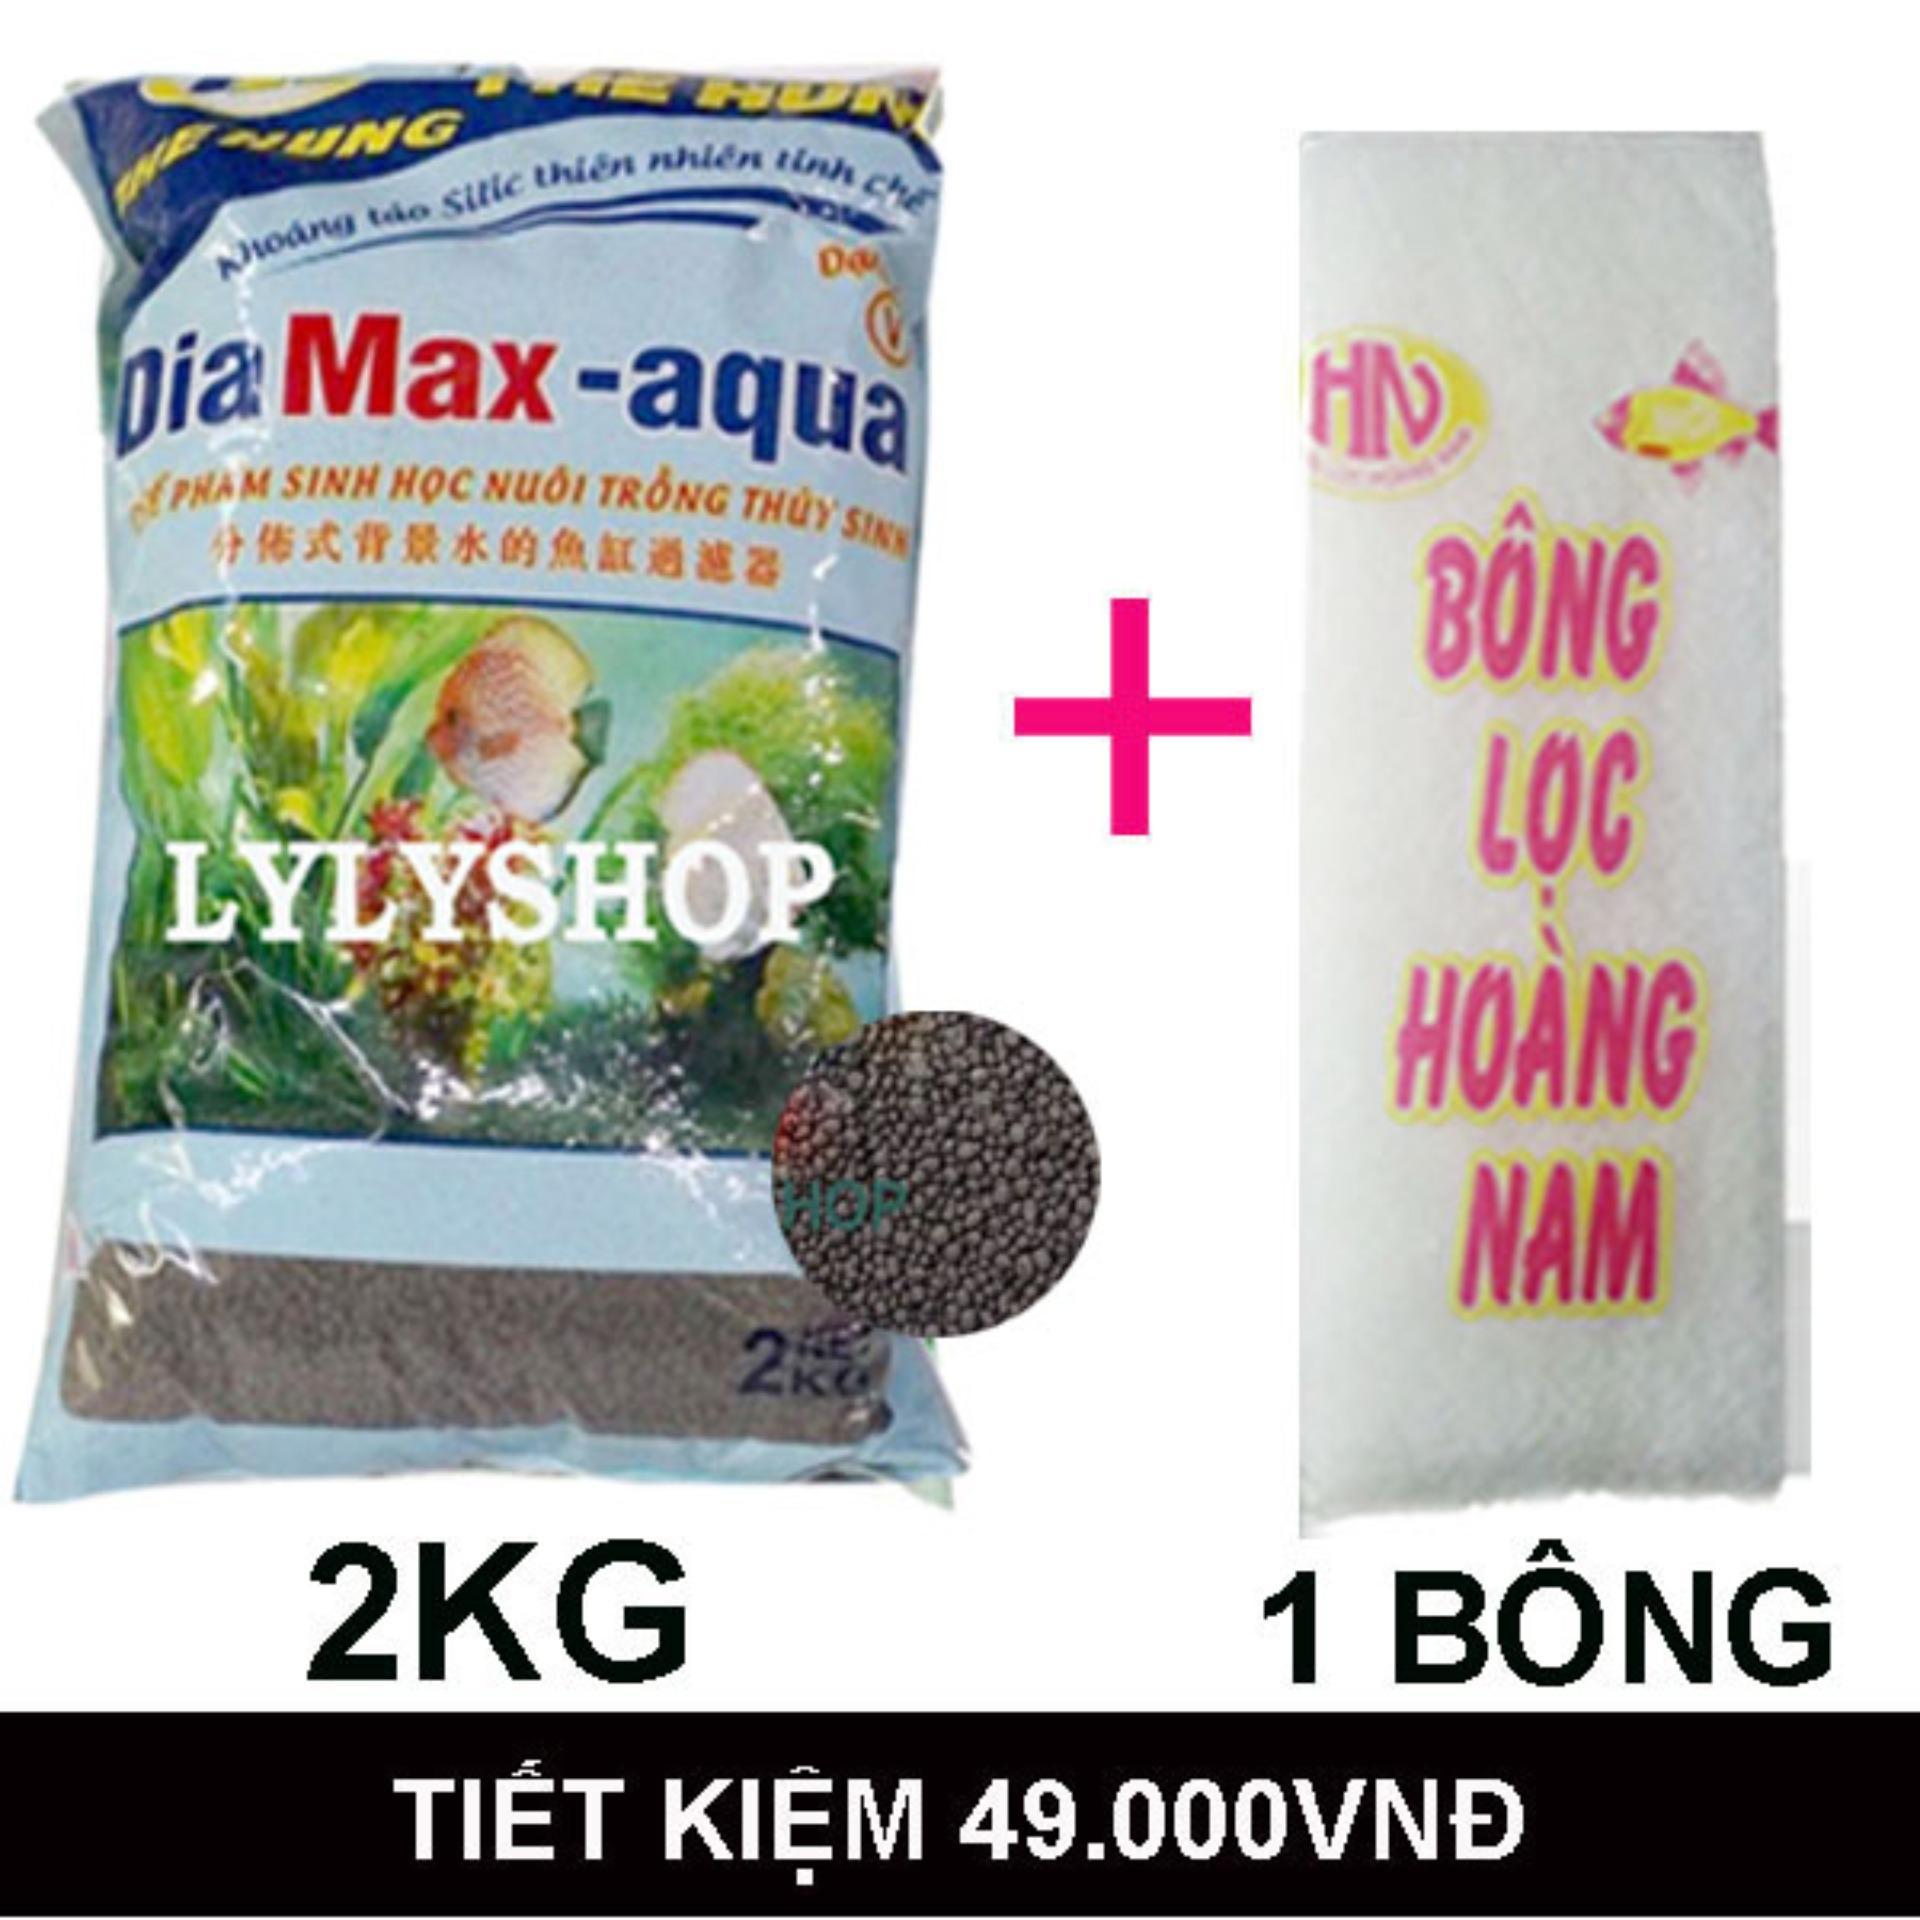 BỘ PHÂN NỀN DIA MAX- AQUA 2KG (XANH) + BÔNG LỌC, VẬT LIỆU LỌC NƯỚC HỒ THỦY SINH